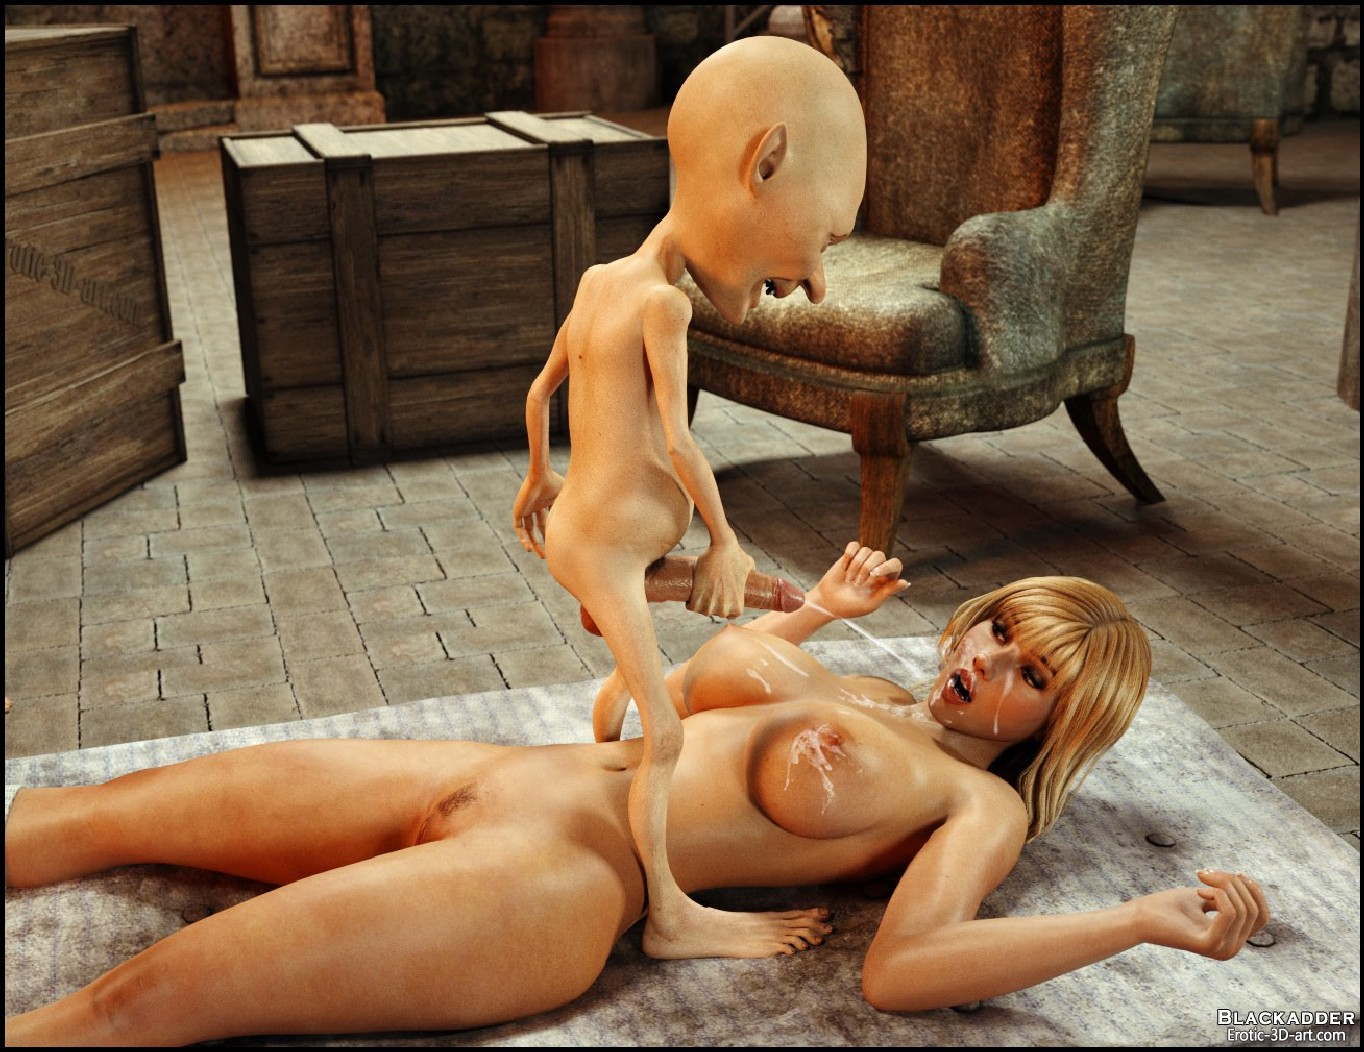 Порно мульт монстр смотреть бесплатно